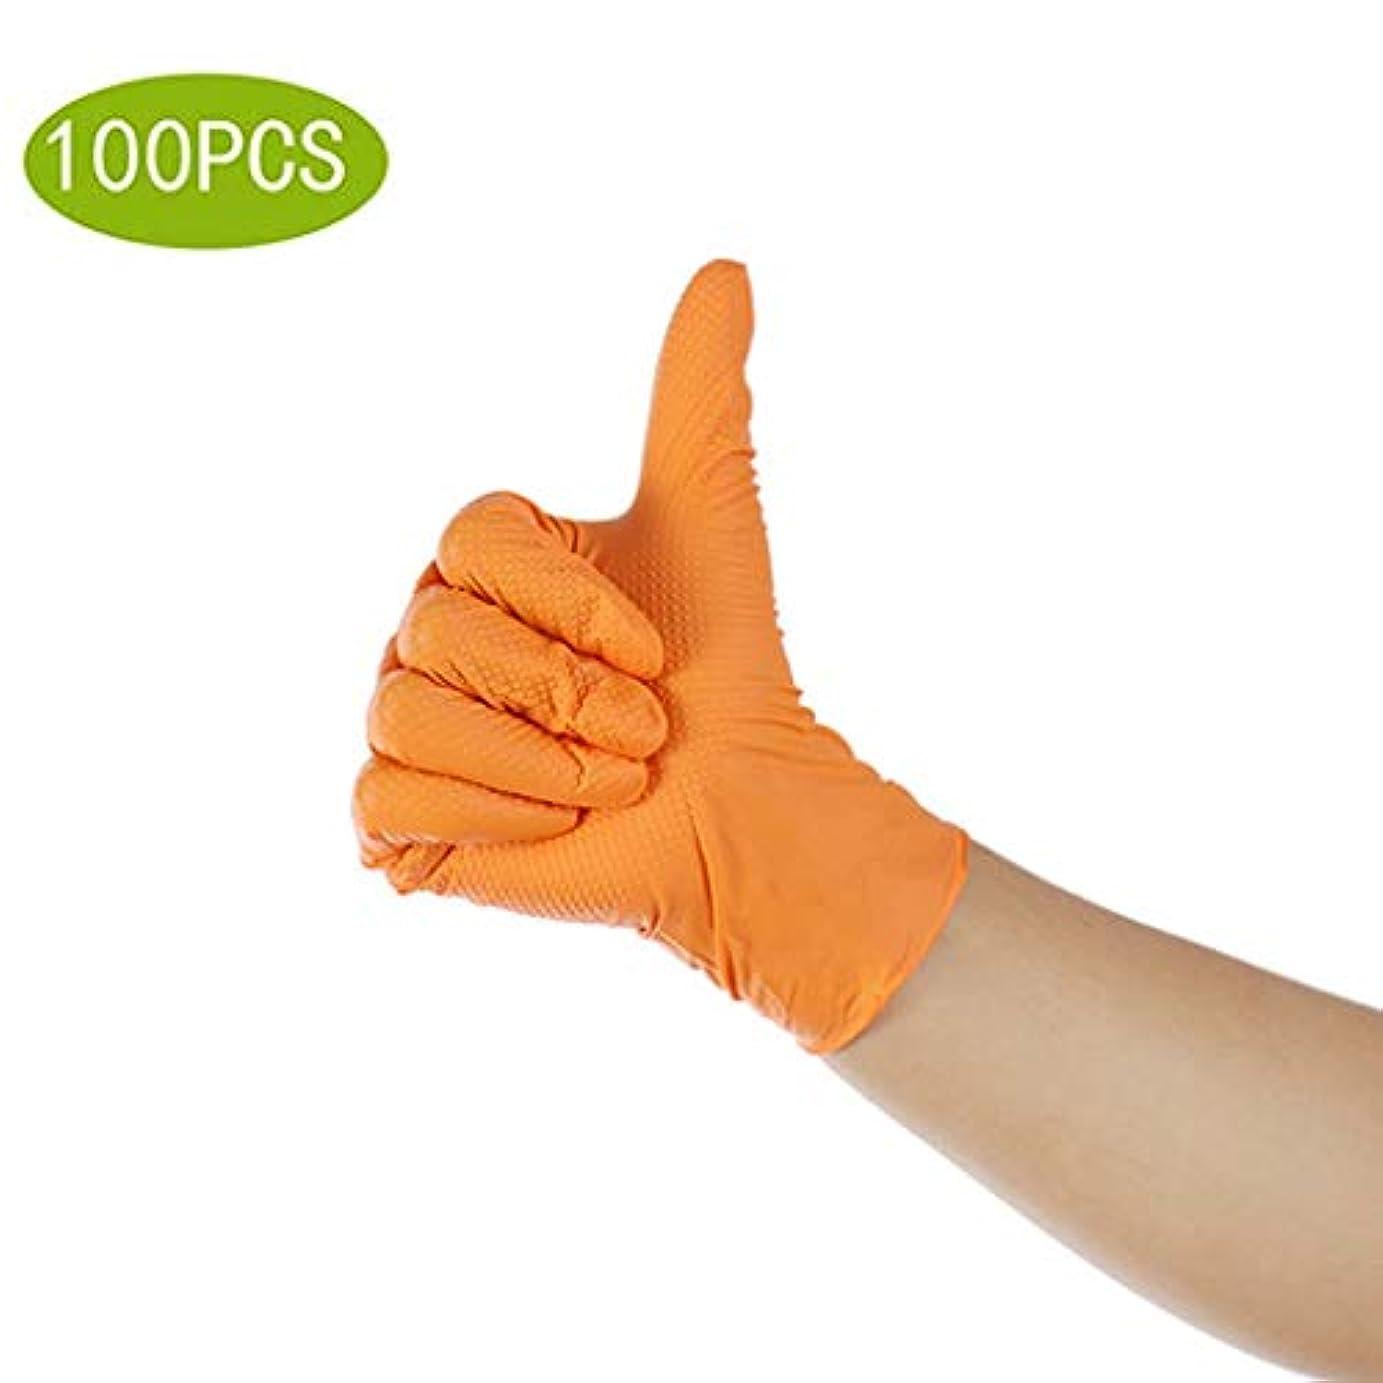 刺激する侵入伝える使い捨て手袋軽量9インチパウダーフリーラテックスフリーライト作業厚手の使い捨てゴム手袋、滑り止めパームプリントグレードタトゥーメディカル試験手袋100倍 (Color : Yellow, Size : S)